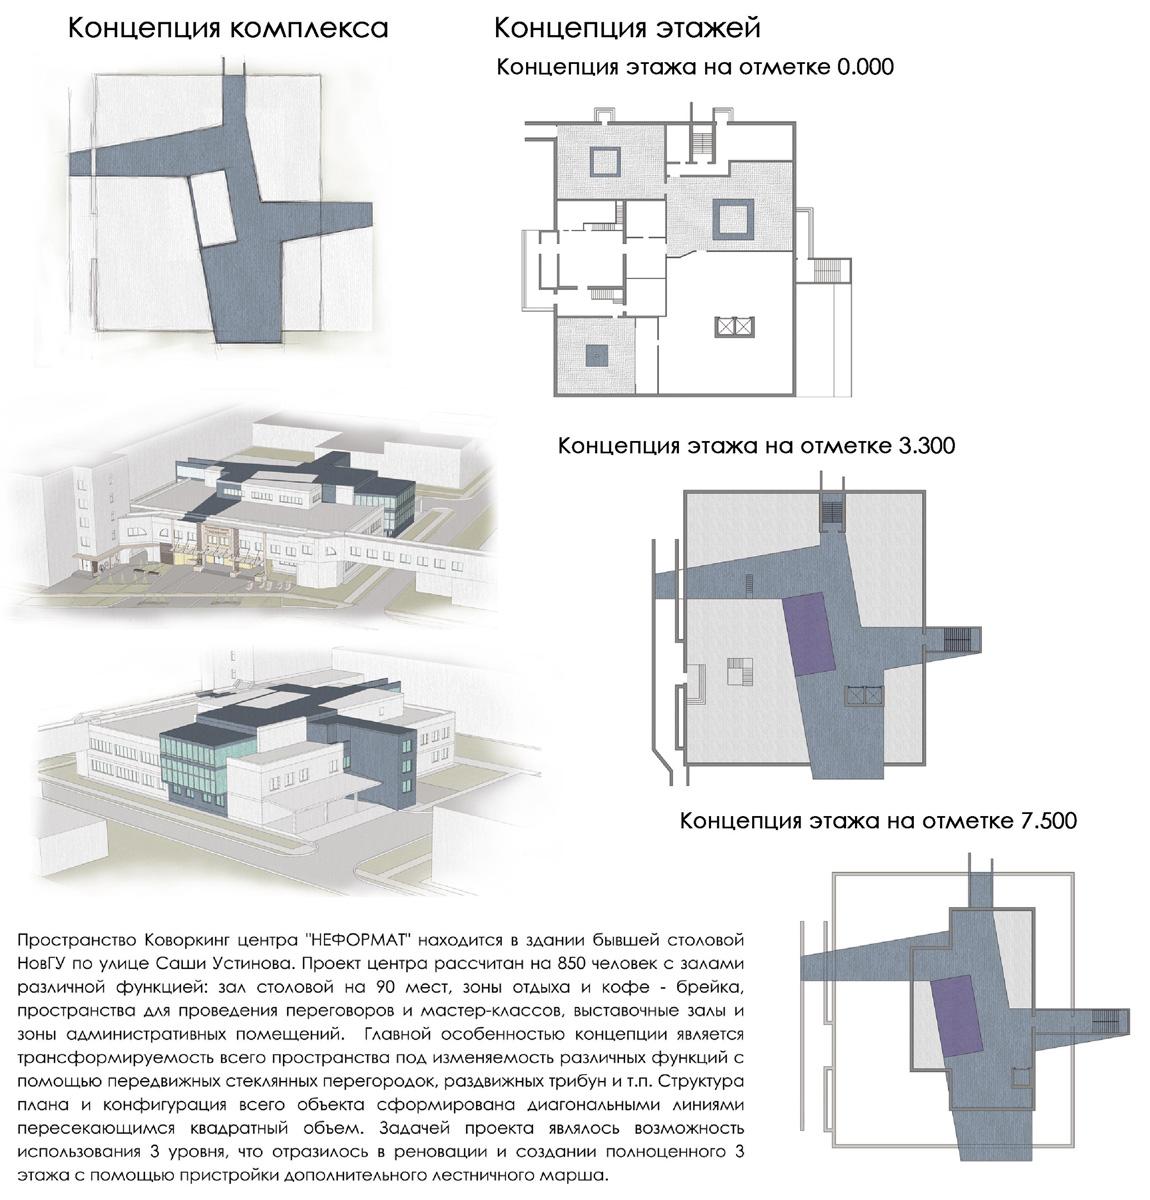 Концепция комплекса